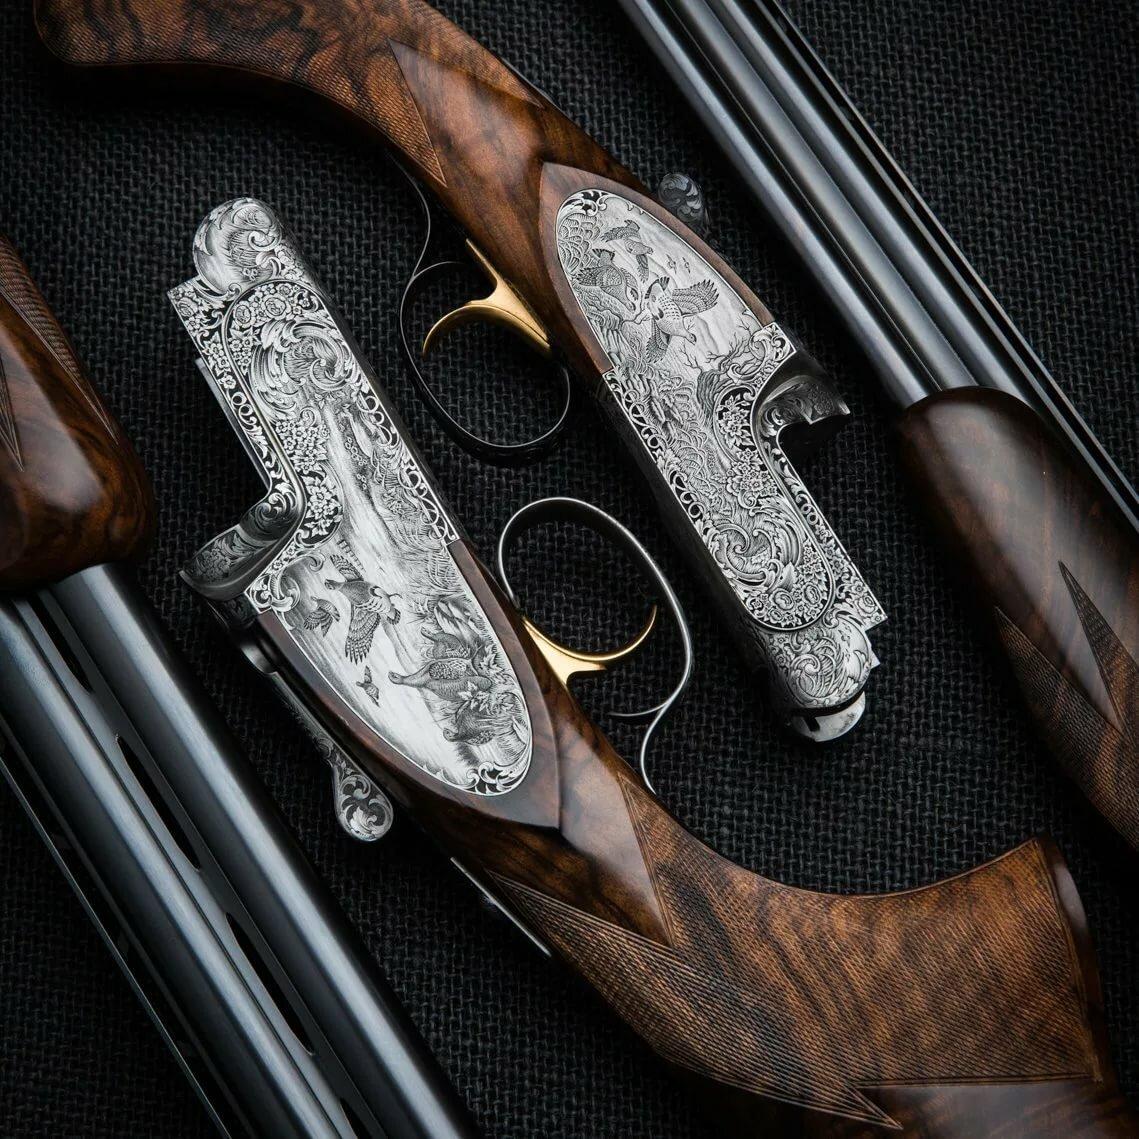 все охотничьи ружья в картинках князь любил